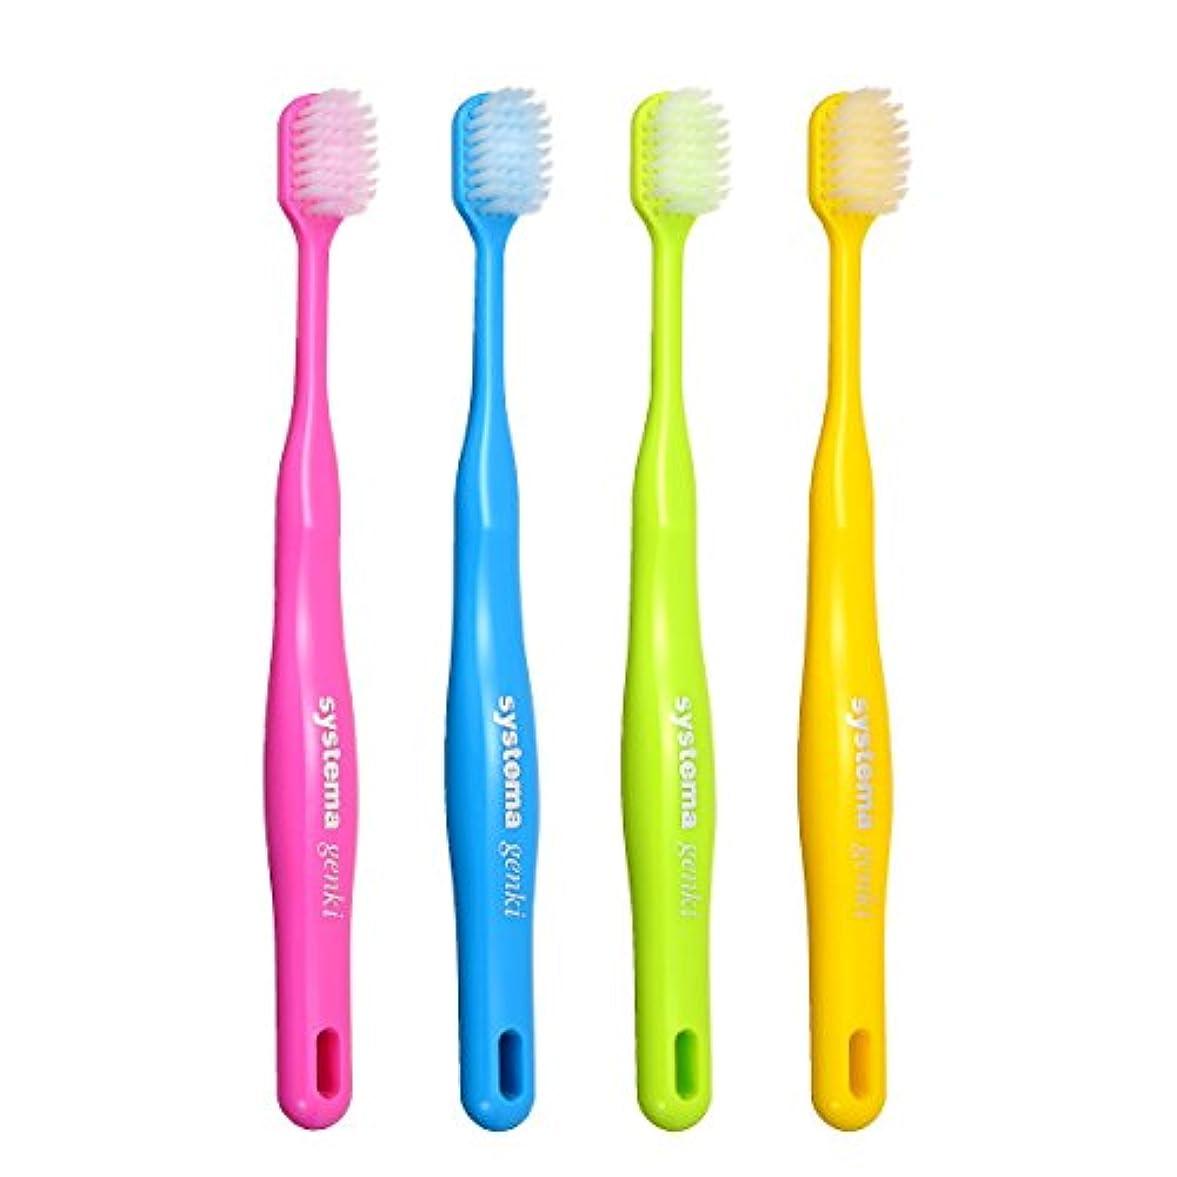 励起ぺディカブ甘やかすLION ライオン DENT.EX systema genki 歯ブラシ 4本